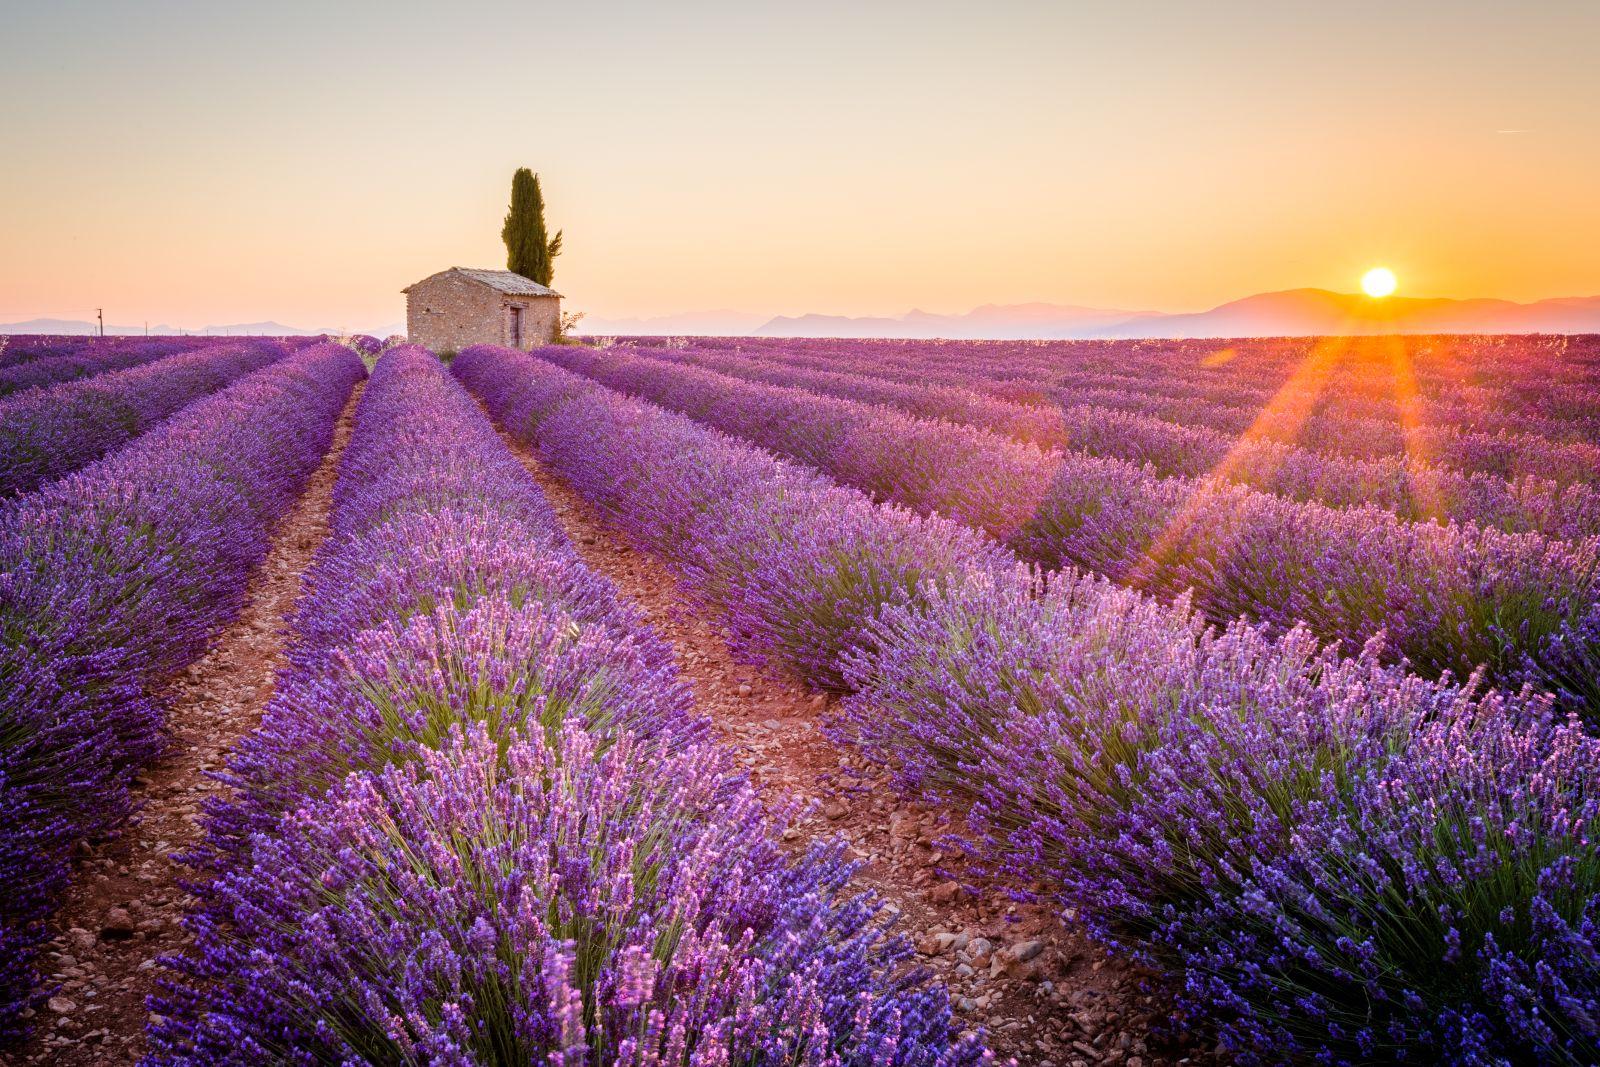 Die meisten Touristen verbinden die südöstlich in Frankreich gelegene Provence mit den bekannten Städten Marseille, Nizza, Toulon oder generell mit der Côte d'Azur. Doch gerade in den ländlichen Gebieten hat die Provence so viel zu bieten.